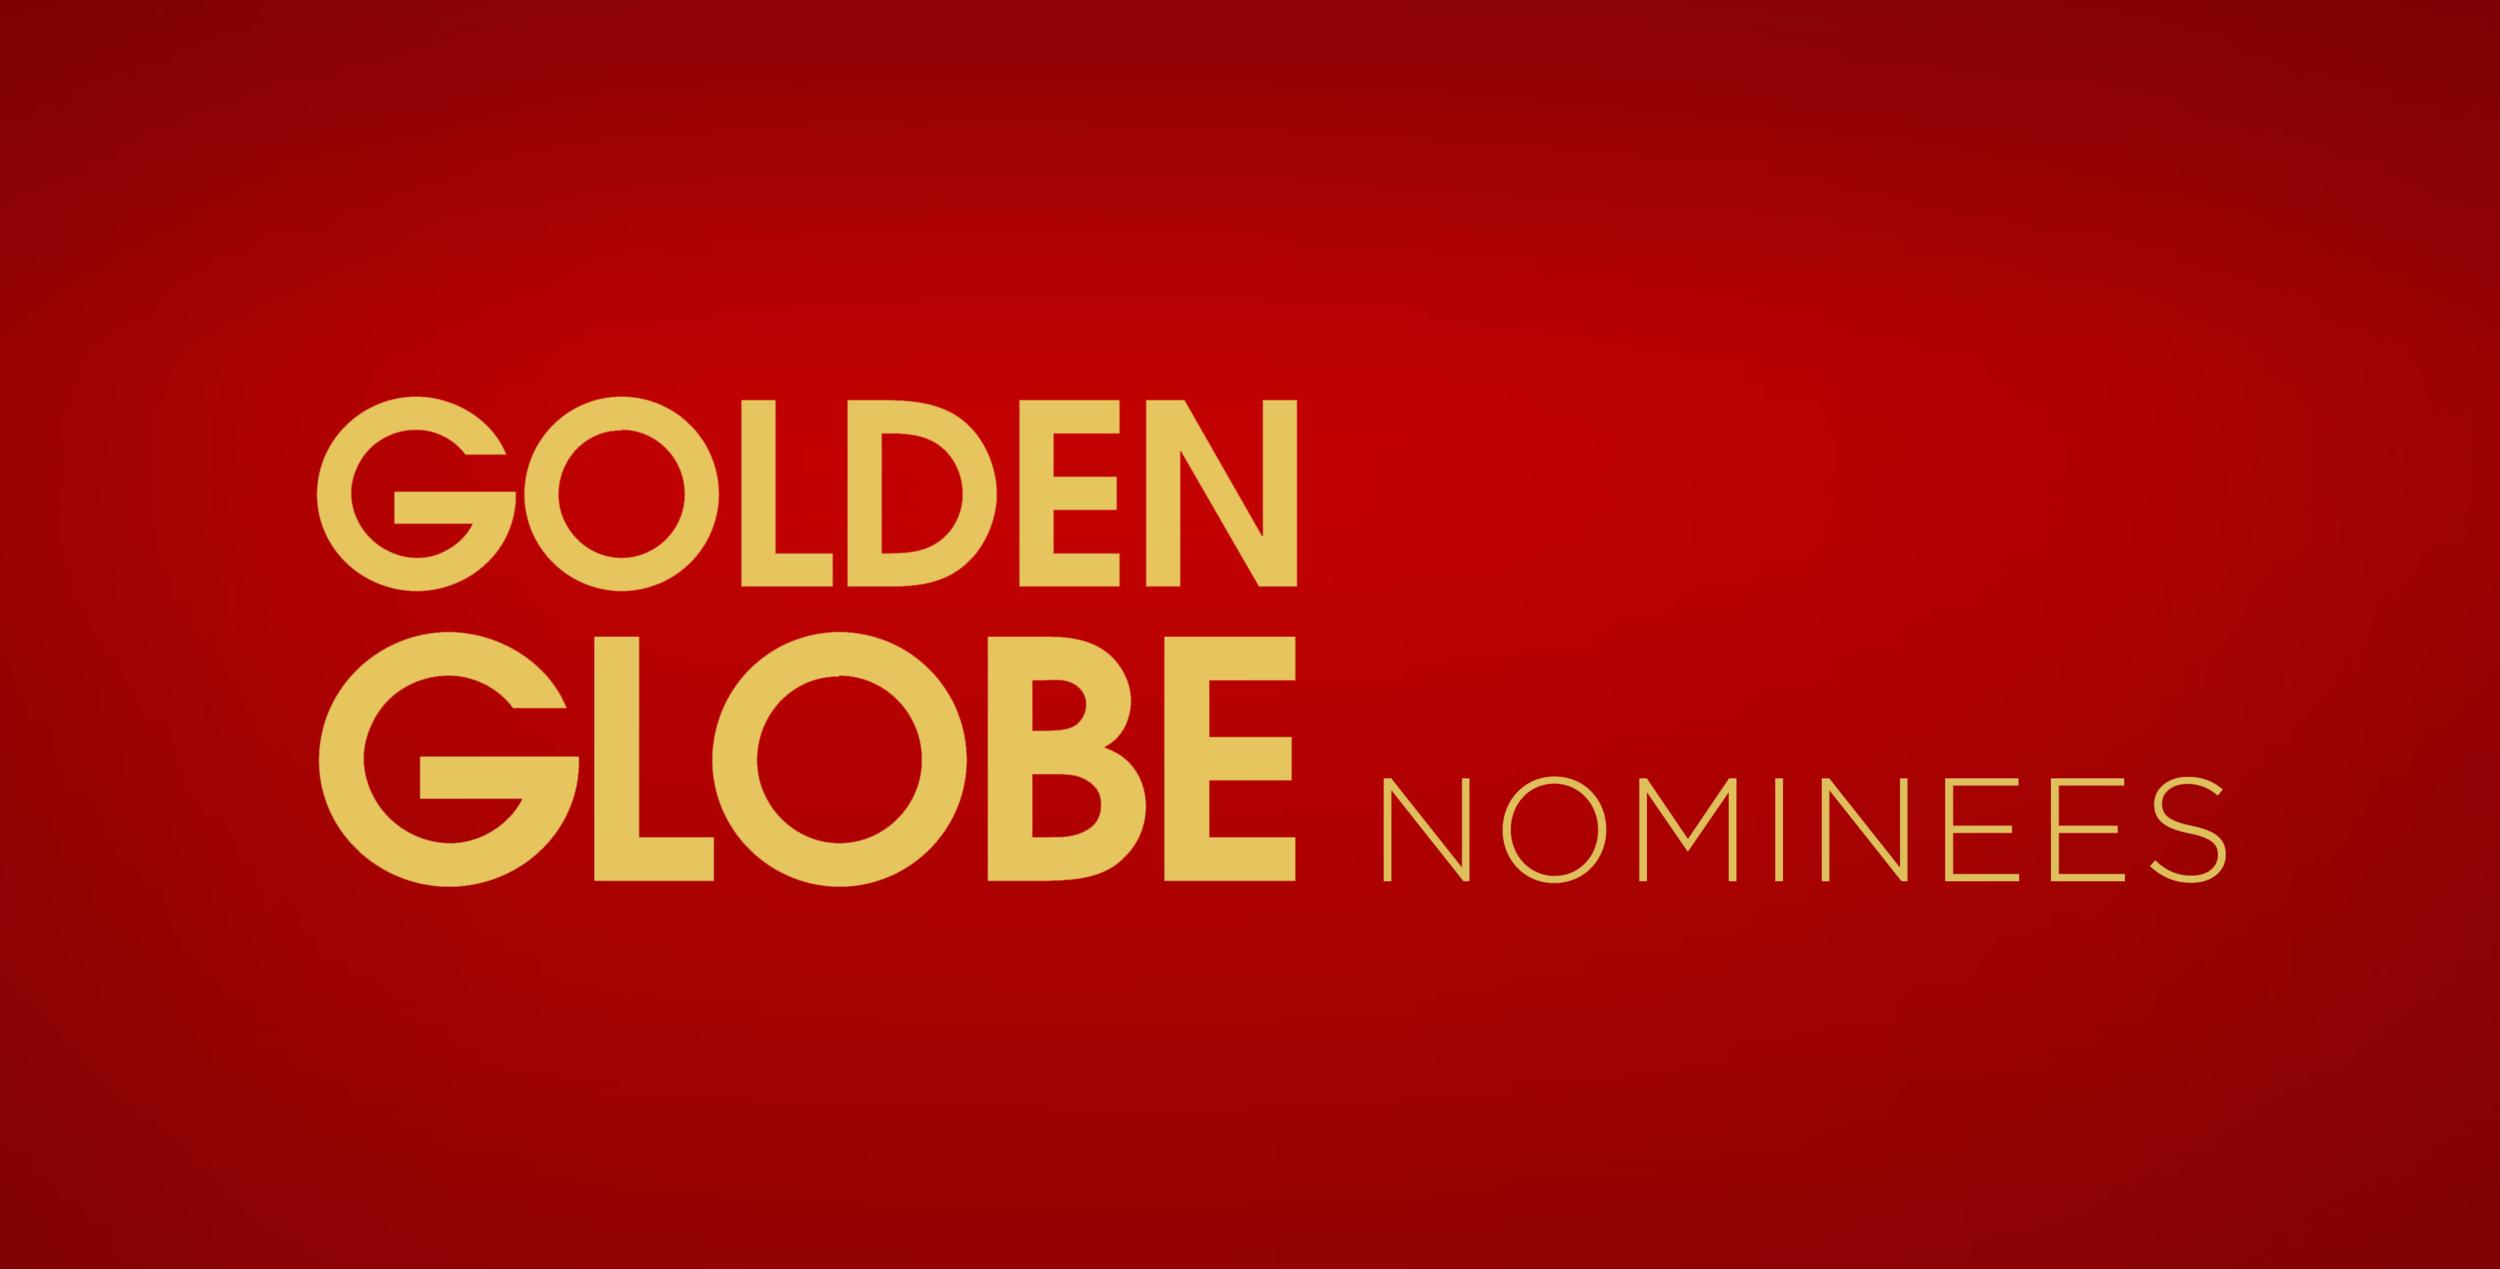 Golden Globe nominees on DVD